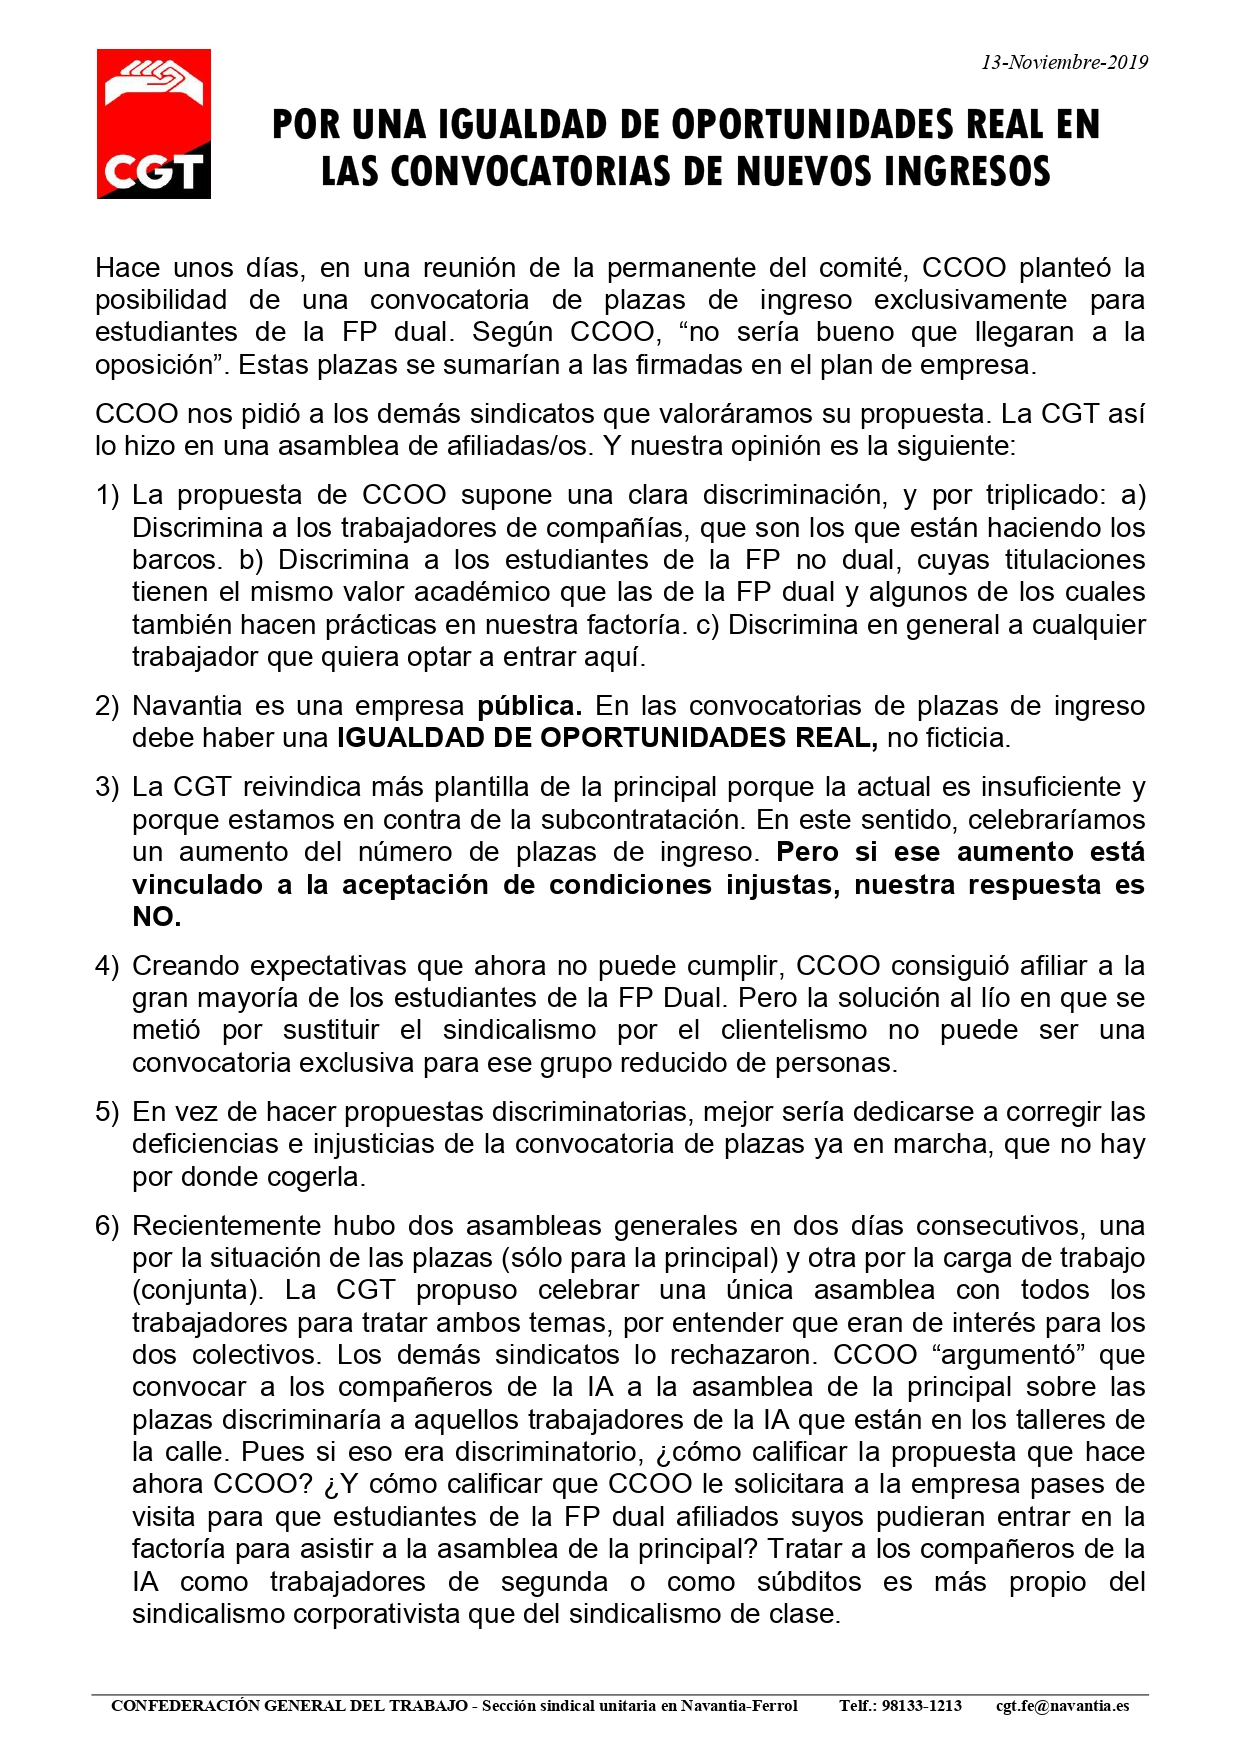 CGT 2019-11-13 Igualdad oportunidades real nuevos ingresos_page-0001